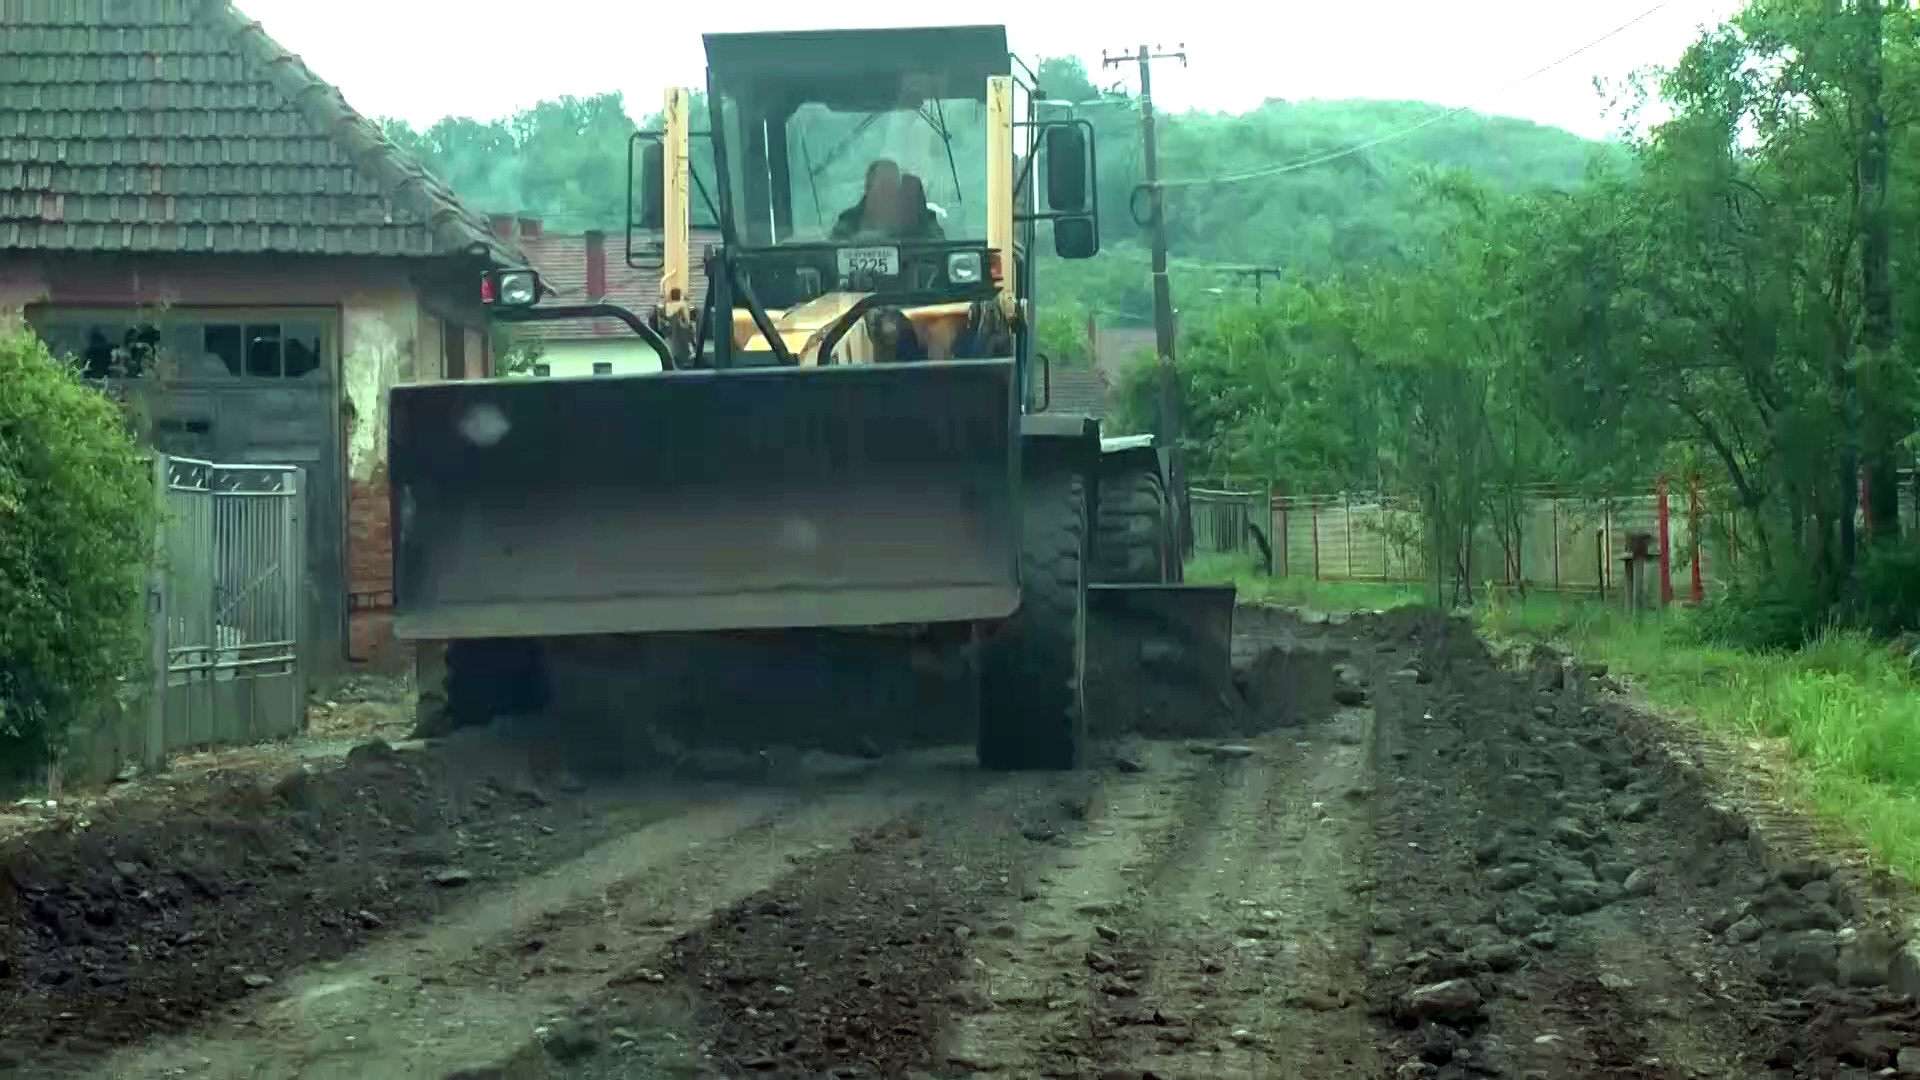 Građevinski radovi na području Kruševca i okolnih sela